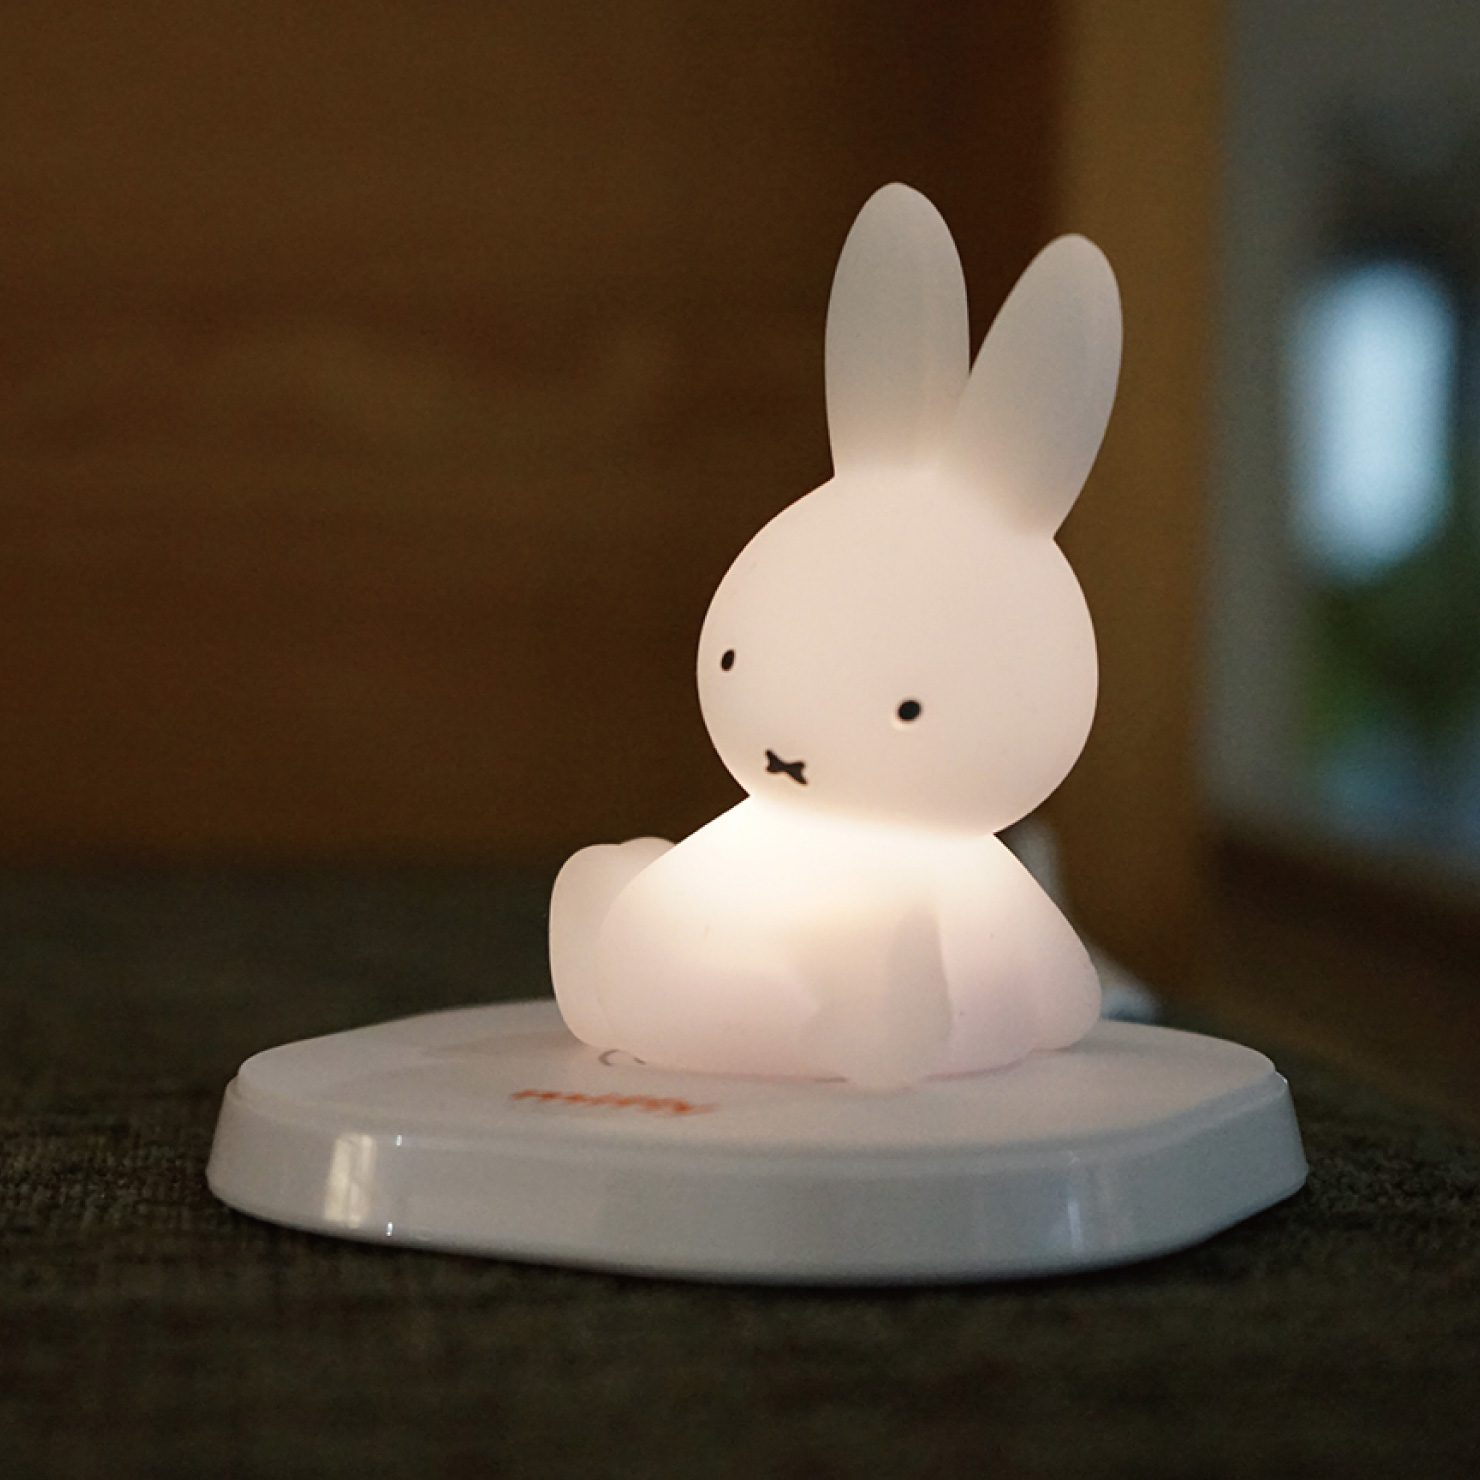 ワイヤレス充電器付き 光るミッフィーのフィギュア